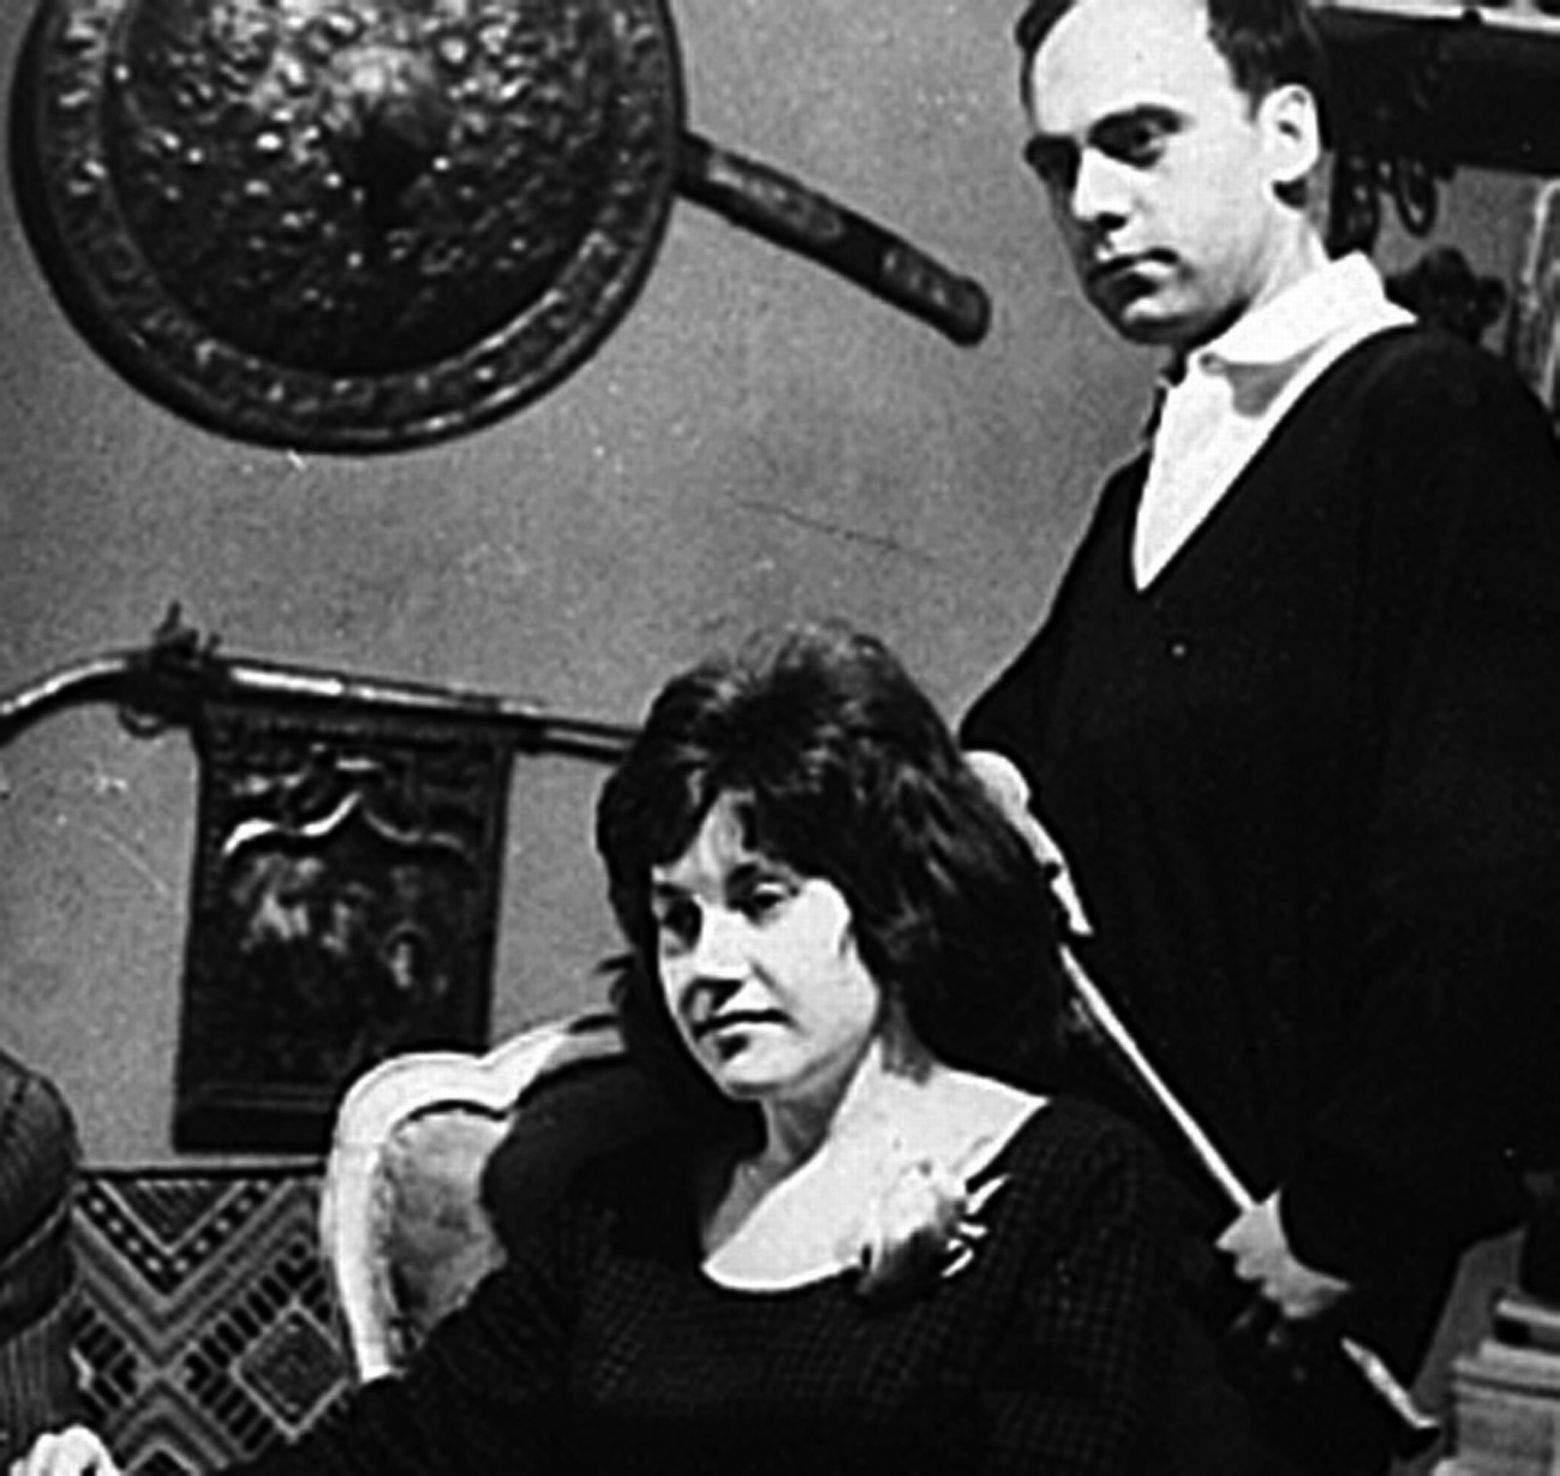 Olja i Šejka, Novogodišnja fotografija, 1960.